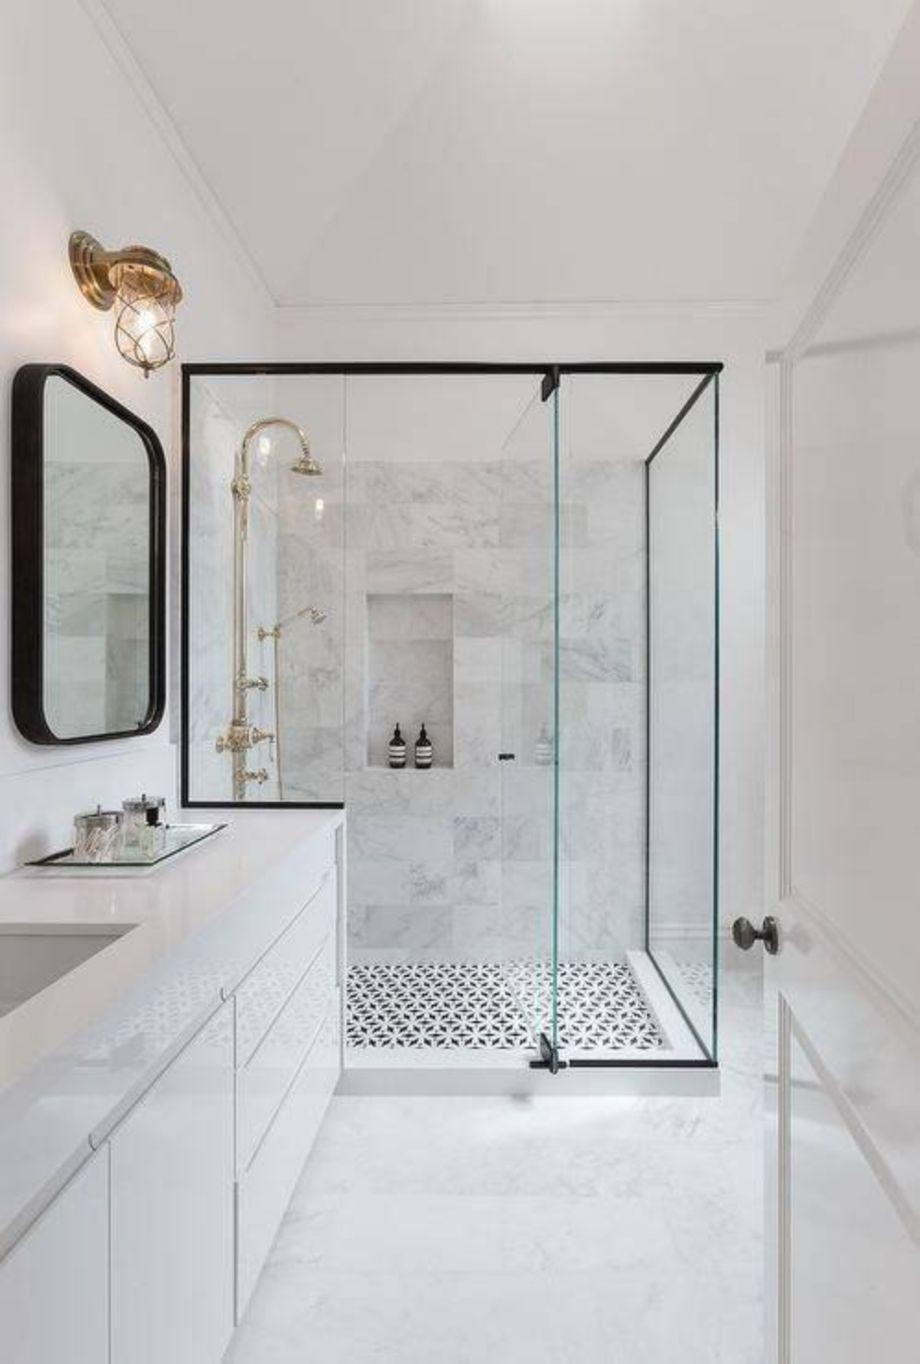 Haga su propio interiorismo para tener descanso en un baño de sueño vea muchas ideas de interiorismo para tú proyectos de lujo